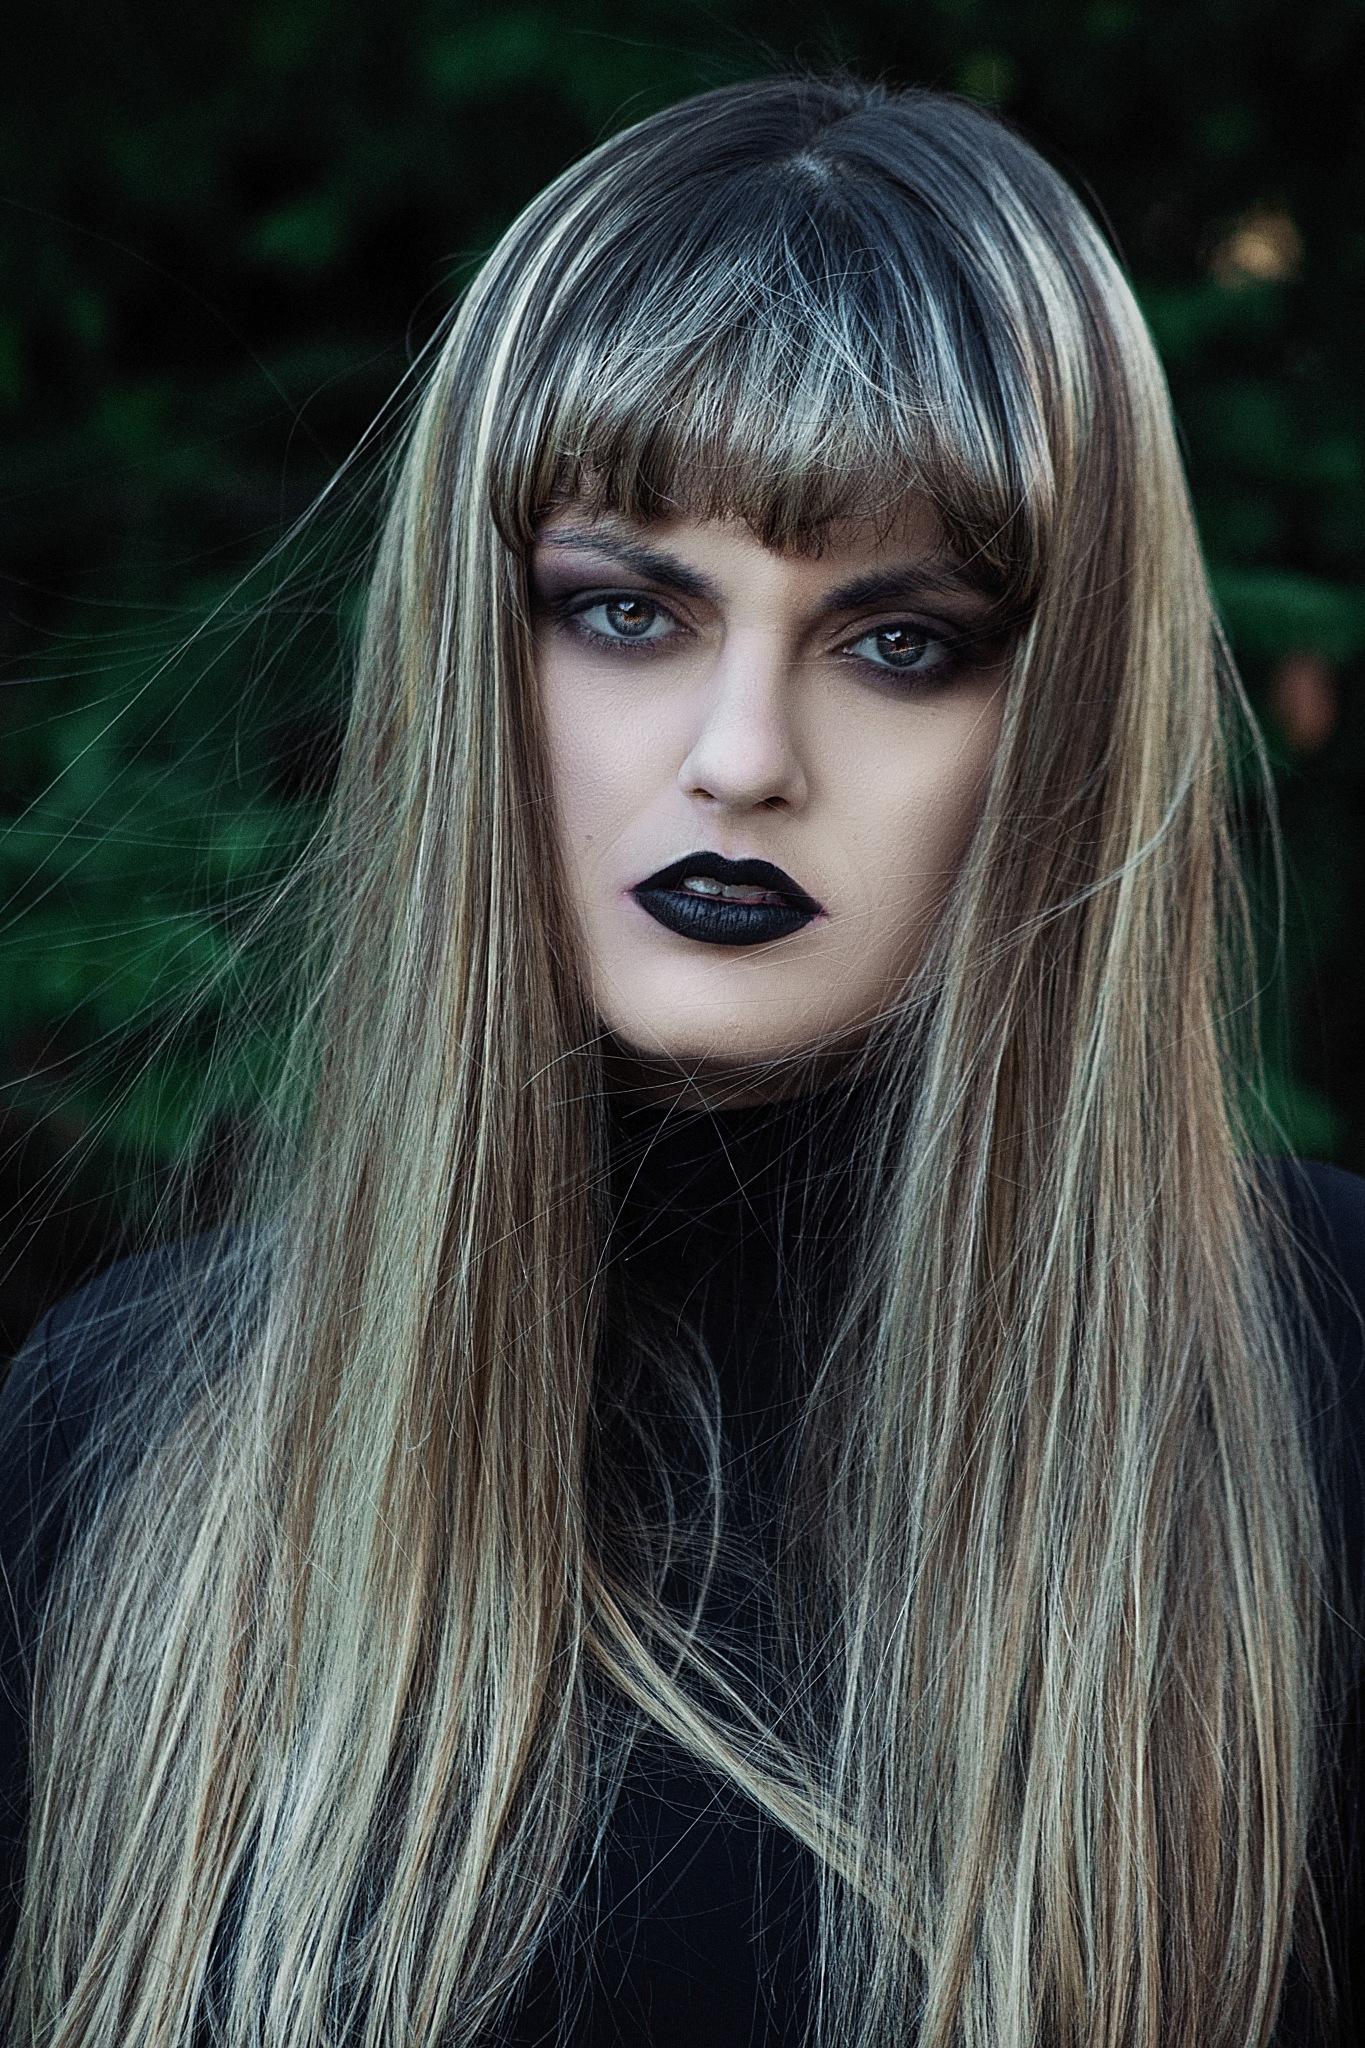 Witch by Oliana Gruzdeva